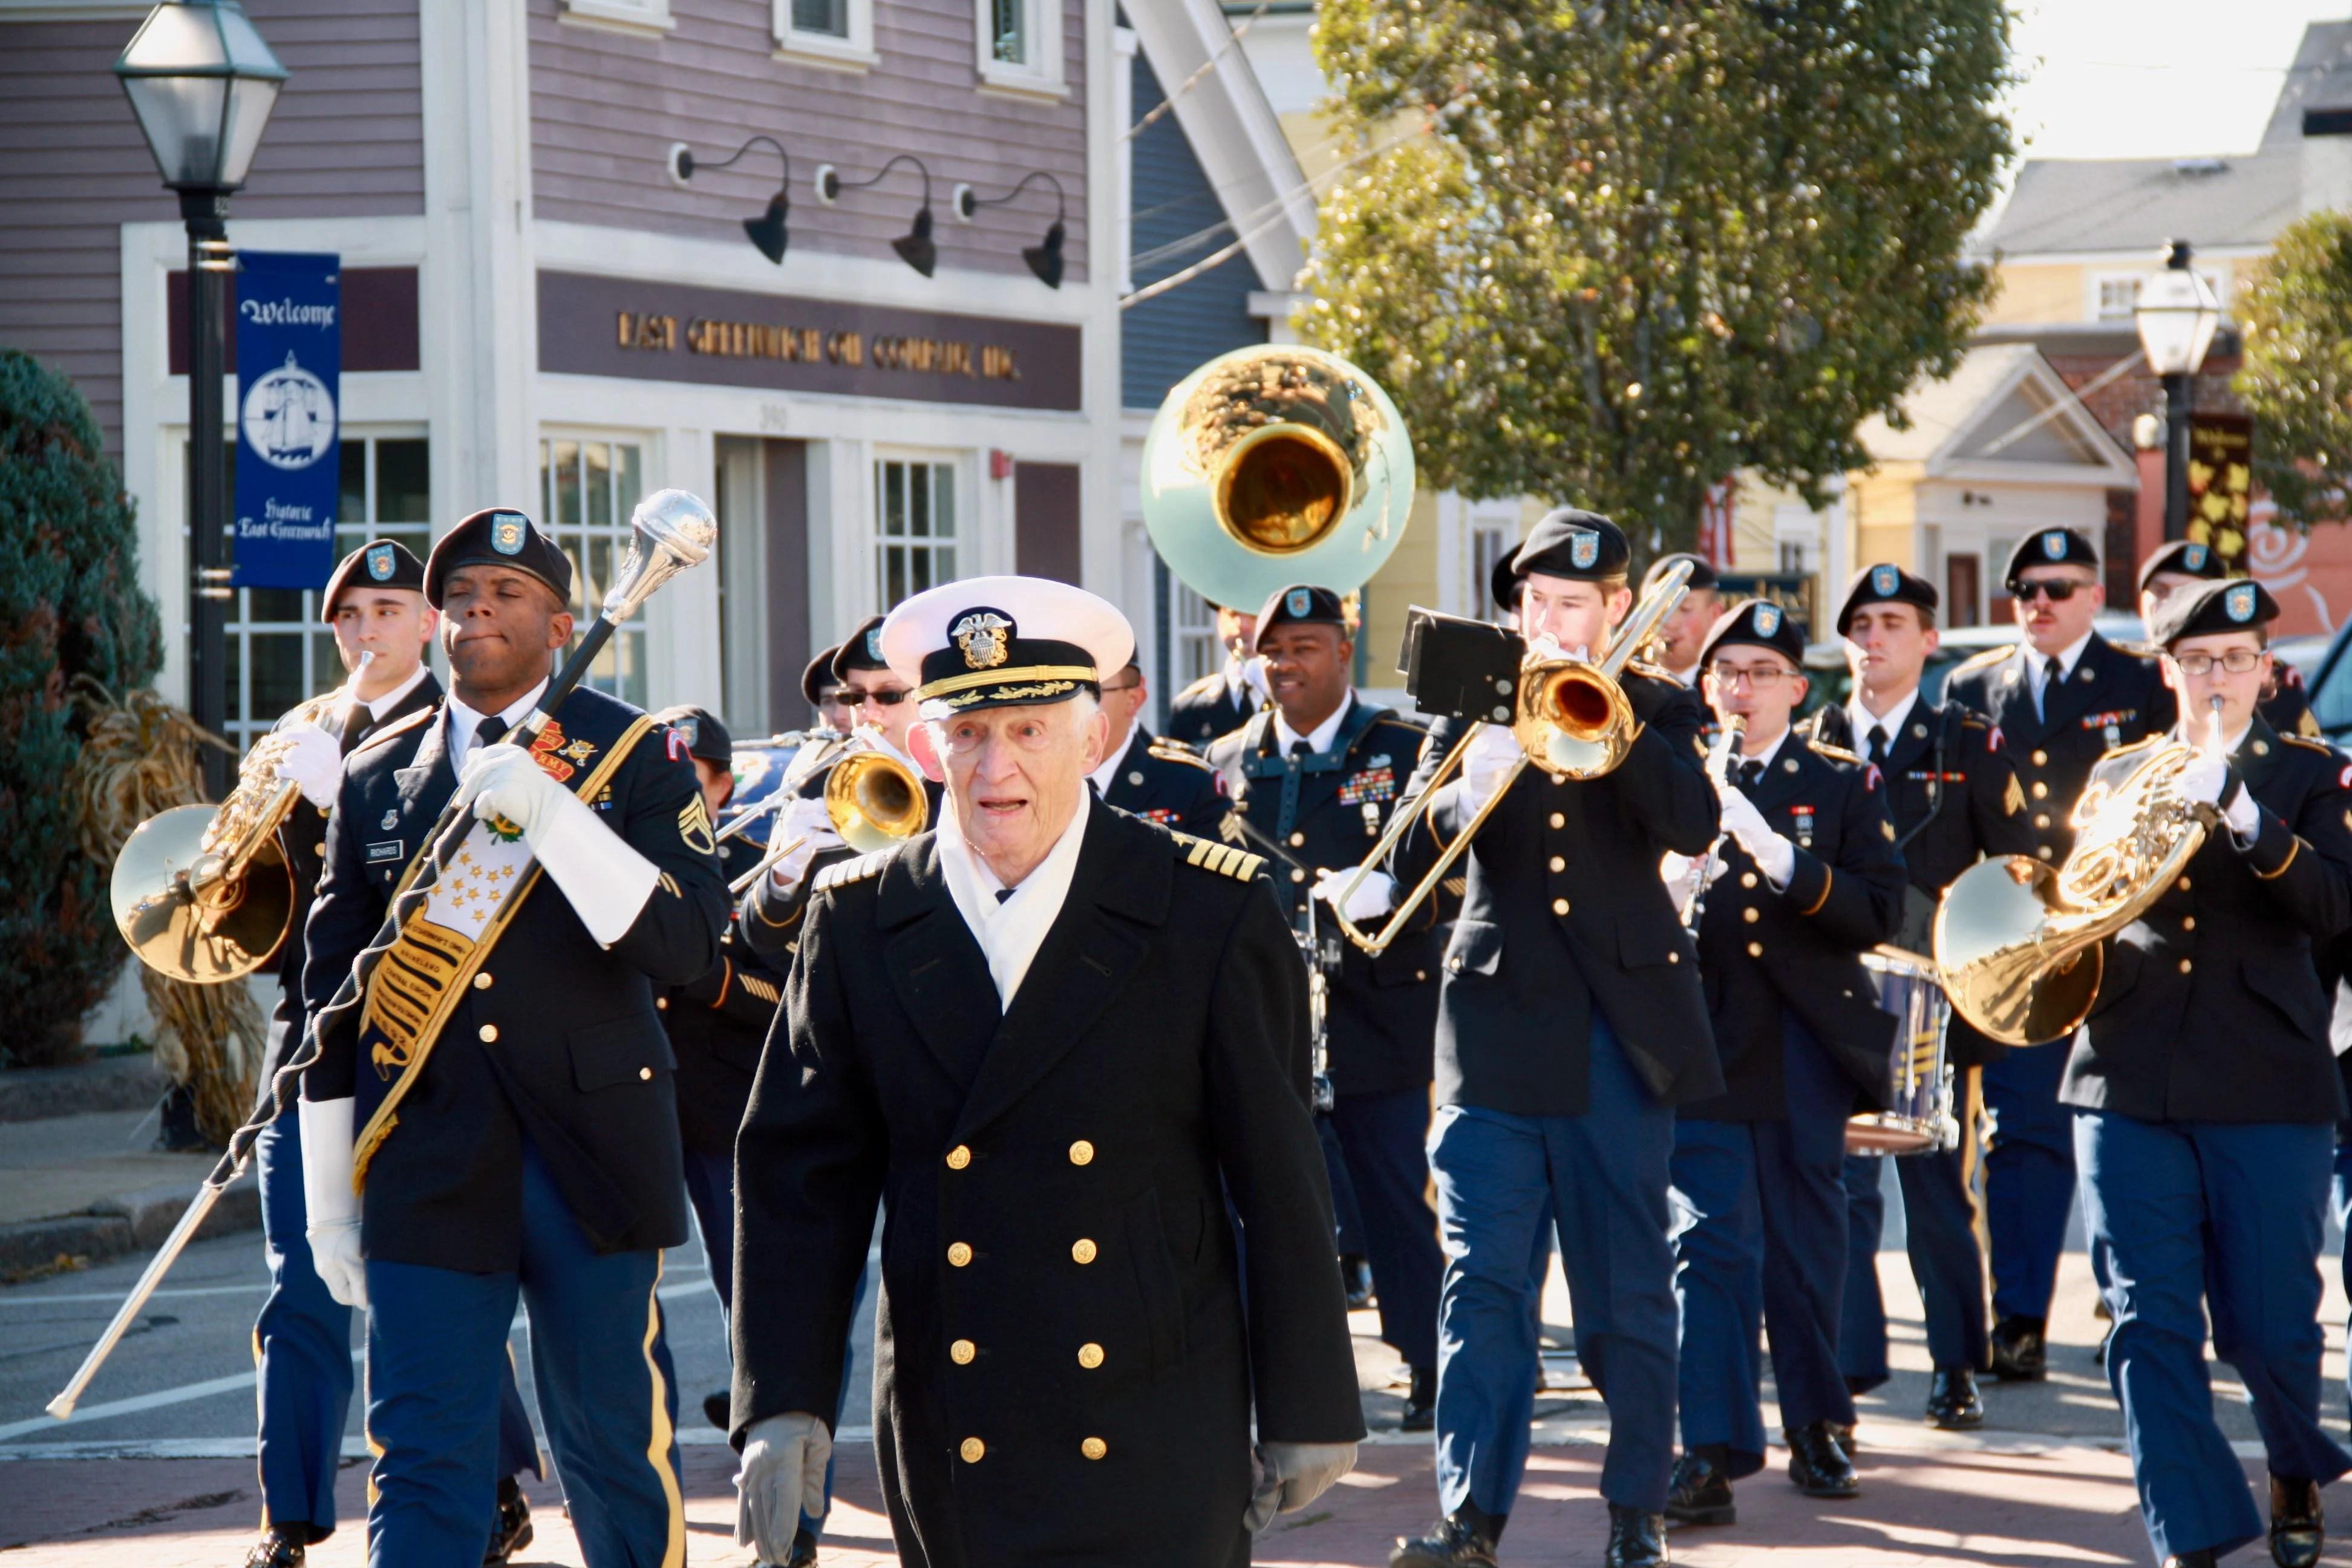 Captain John Romano, U.S. Navy (Ret)